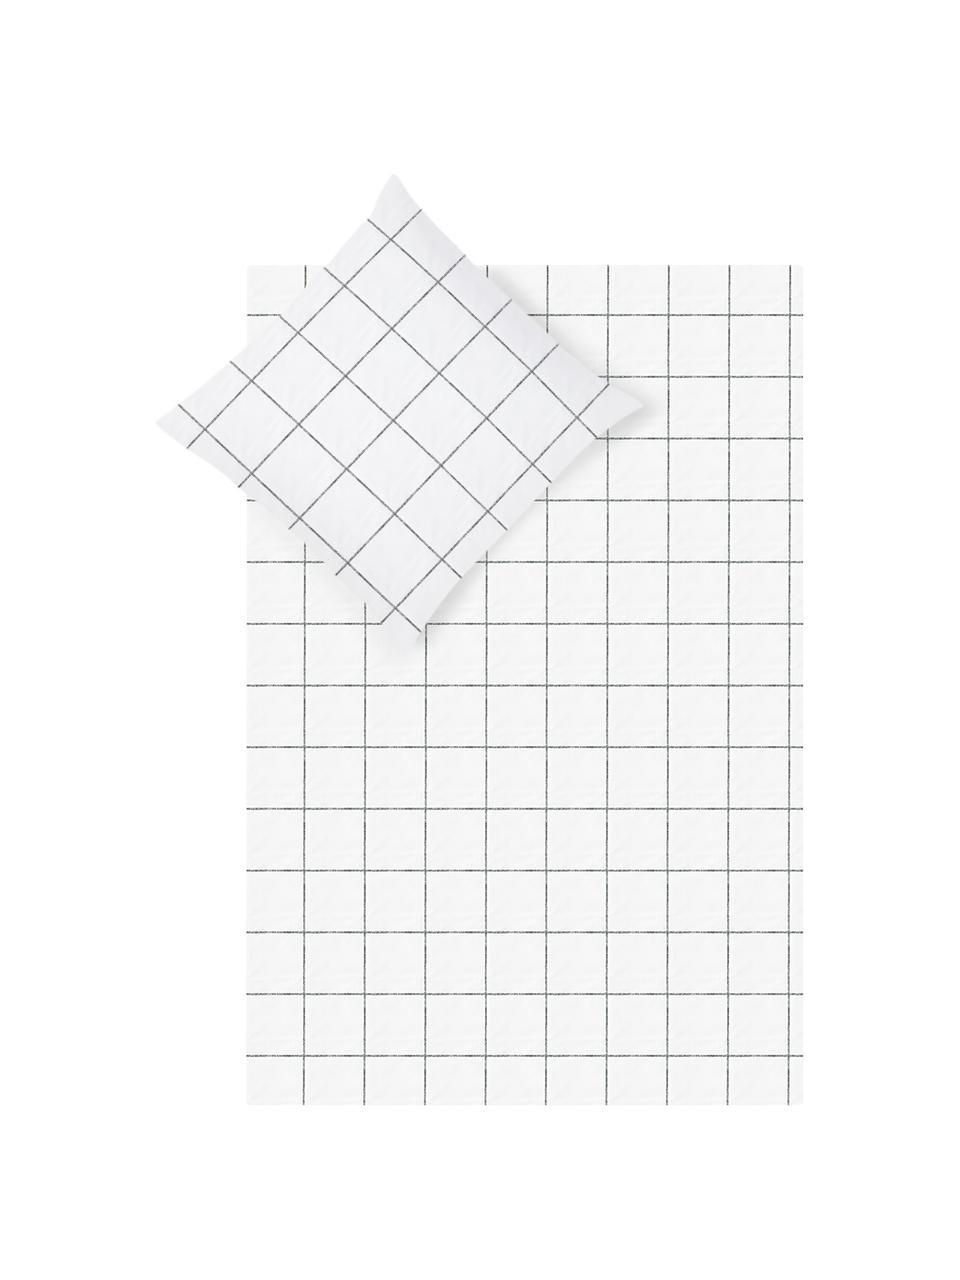 Karierte Baumwollperkal-Bettwäsche Juna in Schwarz/Weiß, Webart: Perkal Fadendichte 180 TC, Weiß, Schwarz, 135 x 200 cm + 1 Kissen 80 x 80 cm